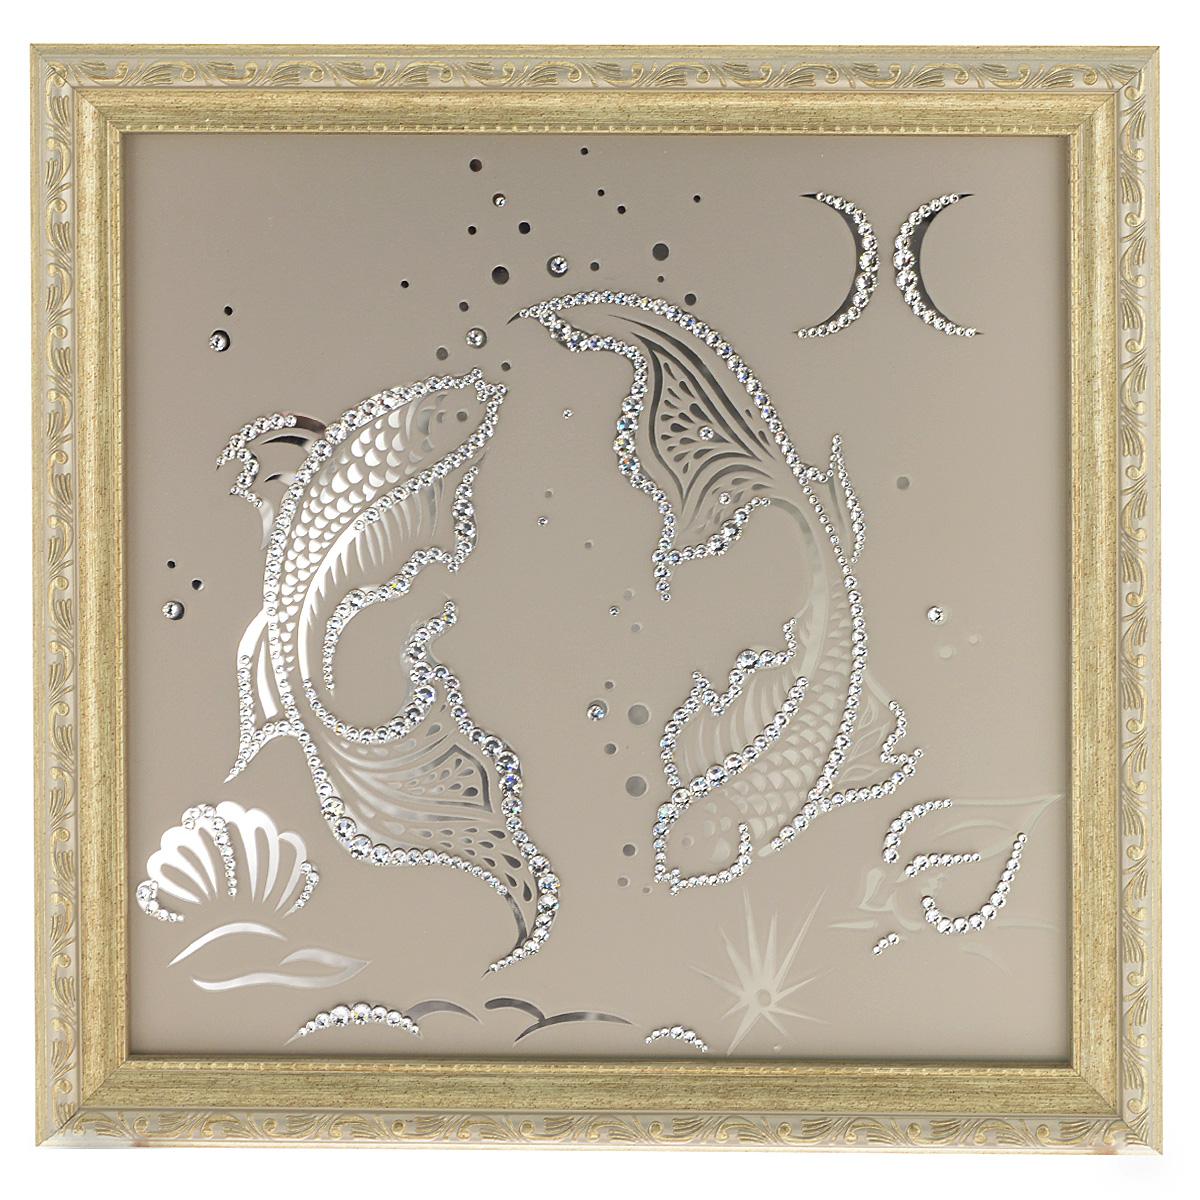 Картина с кристаллами Swarovski Знак зодиака. Рыбы, 35 см х 35 смIDEA FL2-04Изящная картина в багетной раме Знак зодиака. Рыбы инкрустирована кристаллами Swarovski, которые отличаются четкой и ровной огранкой, ярким блеском и чистотой цвета. Идеально подобранная палитра кристаллов прекрасно дополняет картину. С задней стороны изделие оснащено проволокой для размещения на стене. Картина с кристаллами Swarovski элегантно украсит интерьер дома, а также станет прекрасным подарком, который обязательно понравится получателю. Блеск кристаллов в интерьере - что может быть сказочнее и удивительнее. Изделие упаковано в подарочную картонную коробку синего цвета и комплектуется сертификатом соответствия Swarovski.